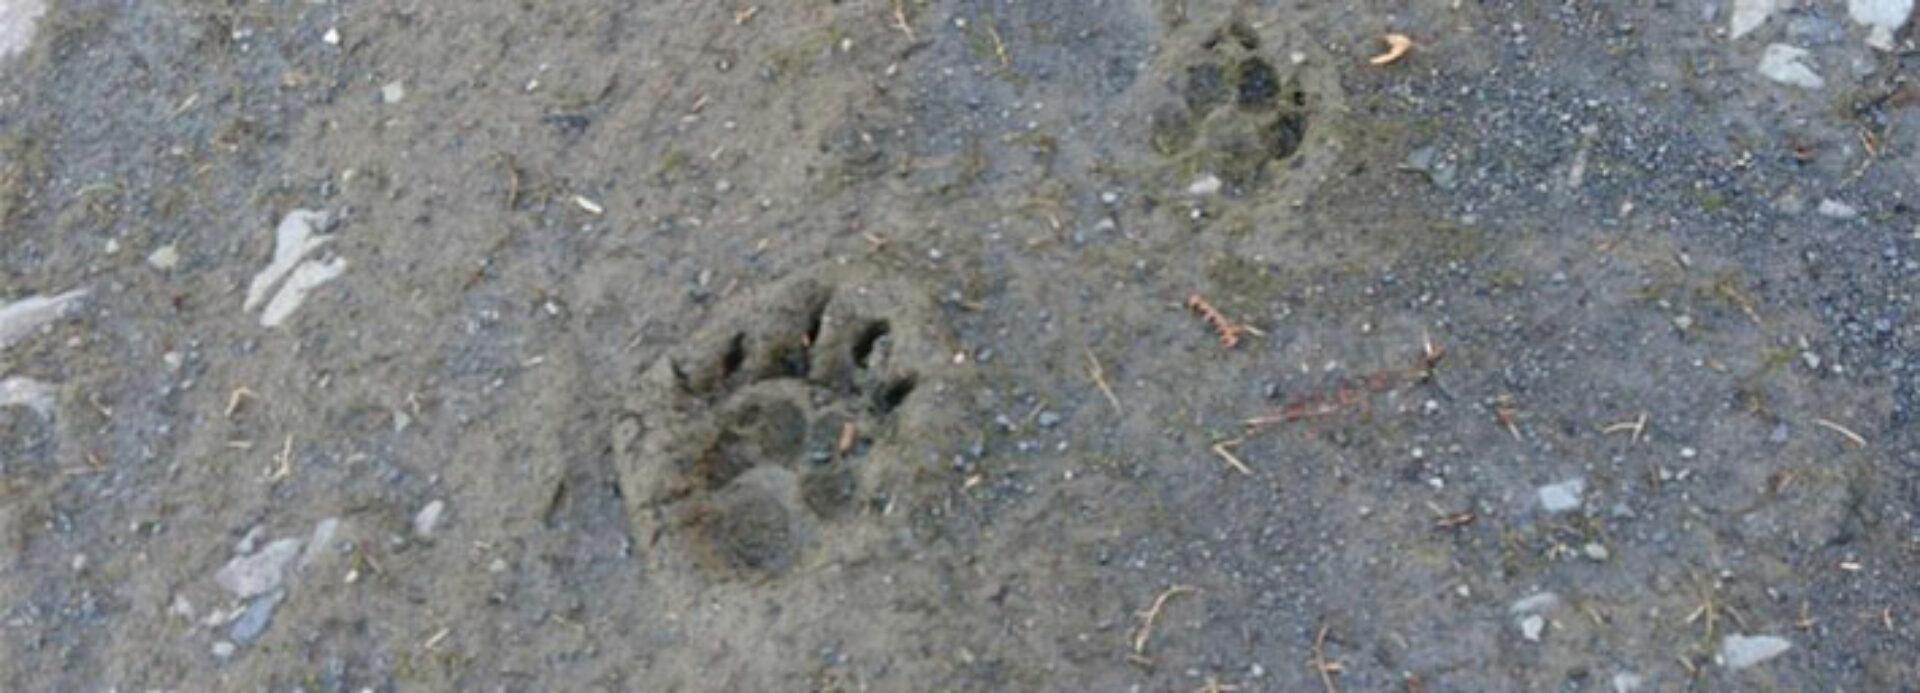 Badger Ecology UK